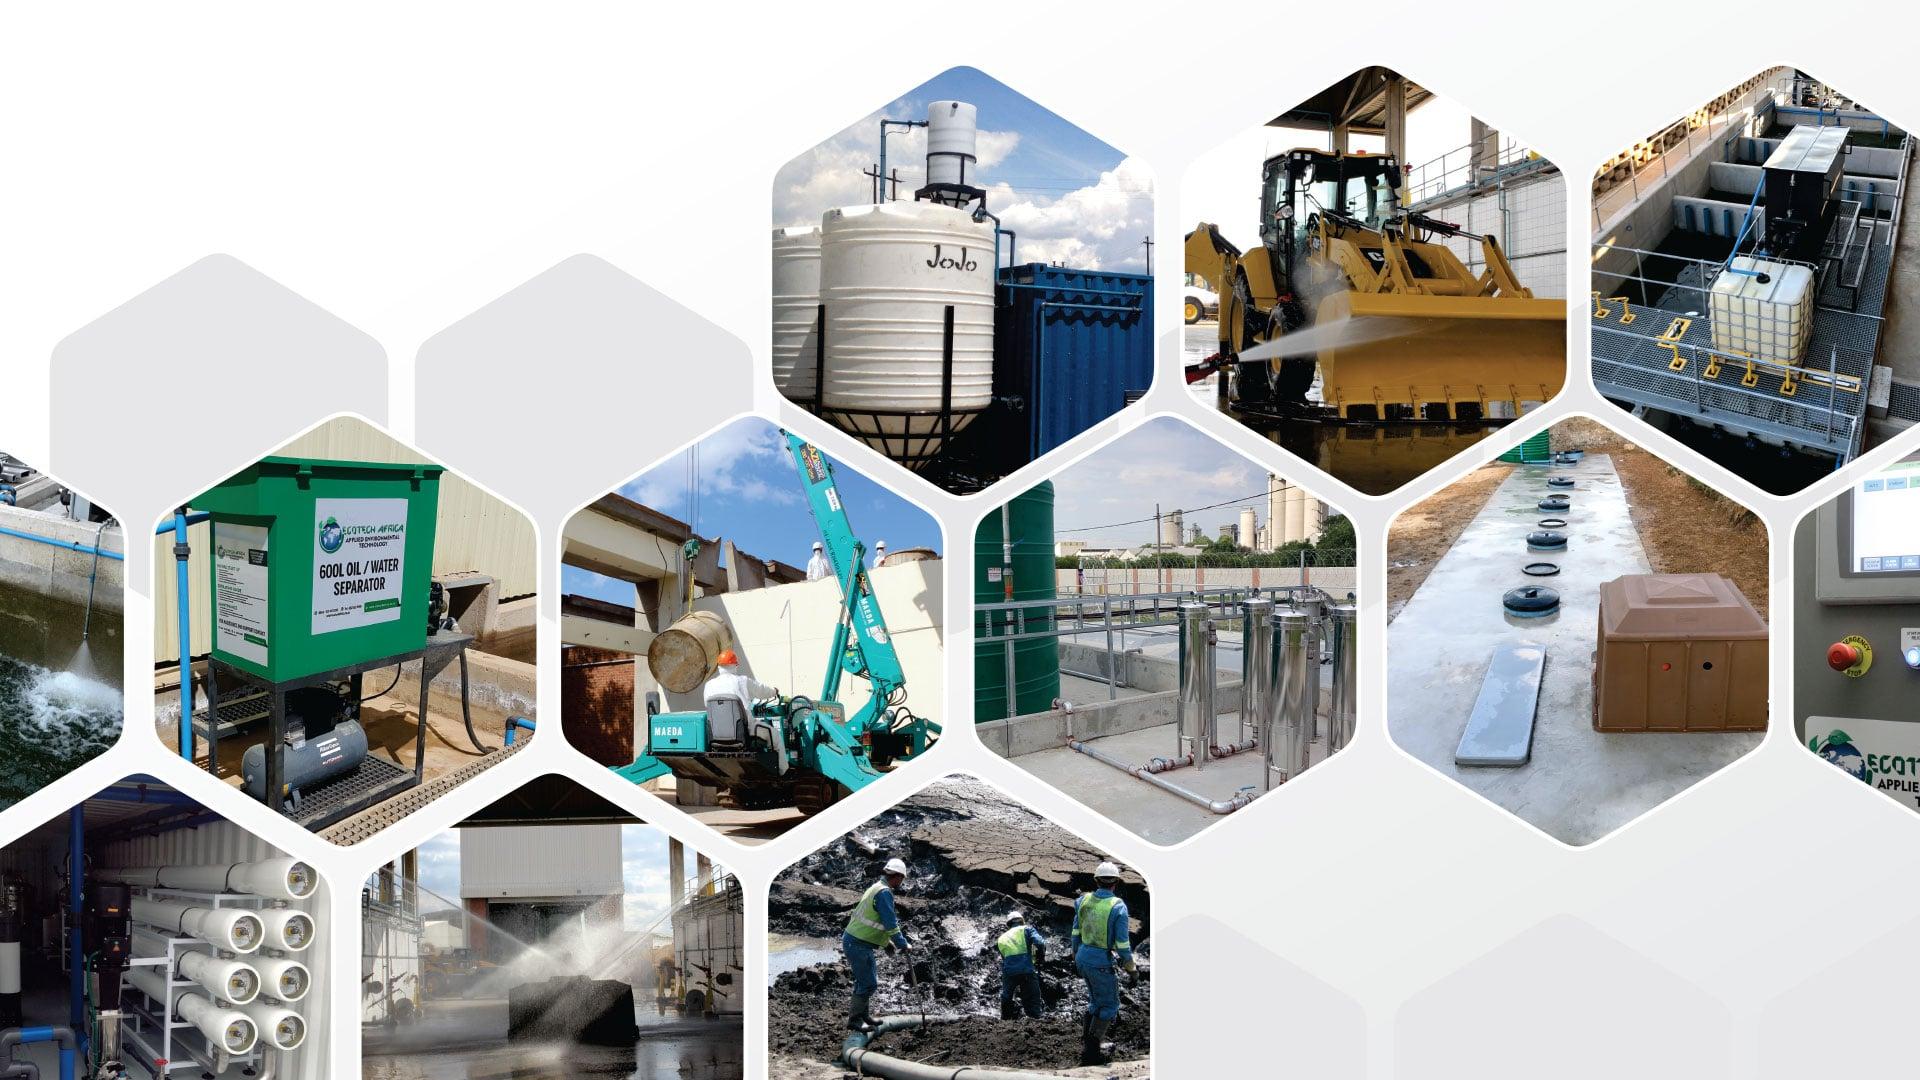 Ecotech-service